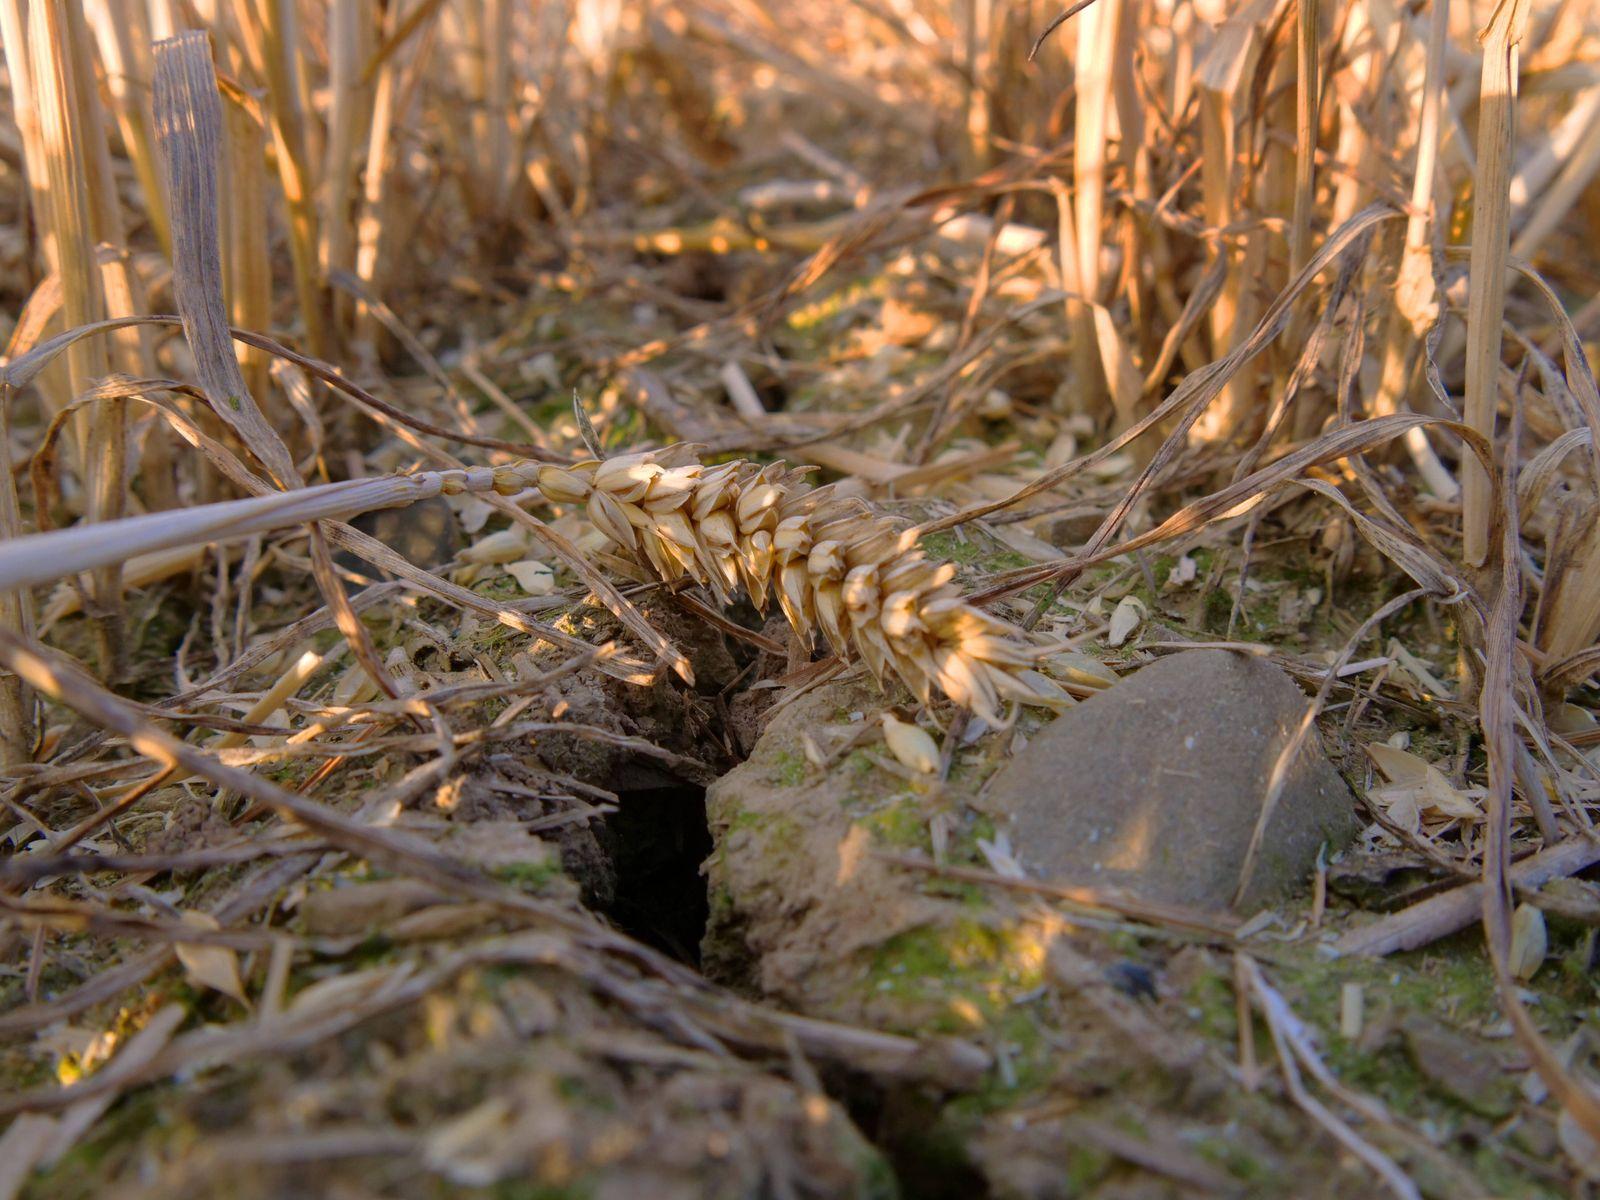 Duerrer Boden und Pflanzen auf einem Weizenfeld in Deutschland. Duerre *** Dry soil and plants on a wheat field in Germ